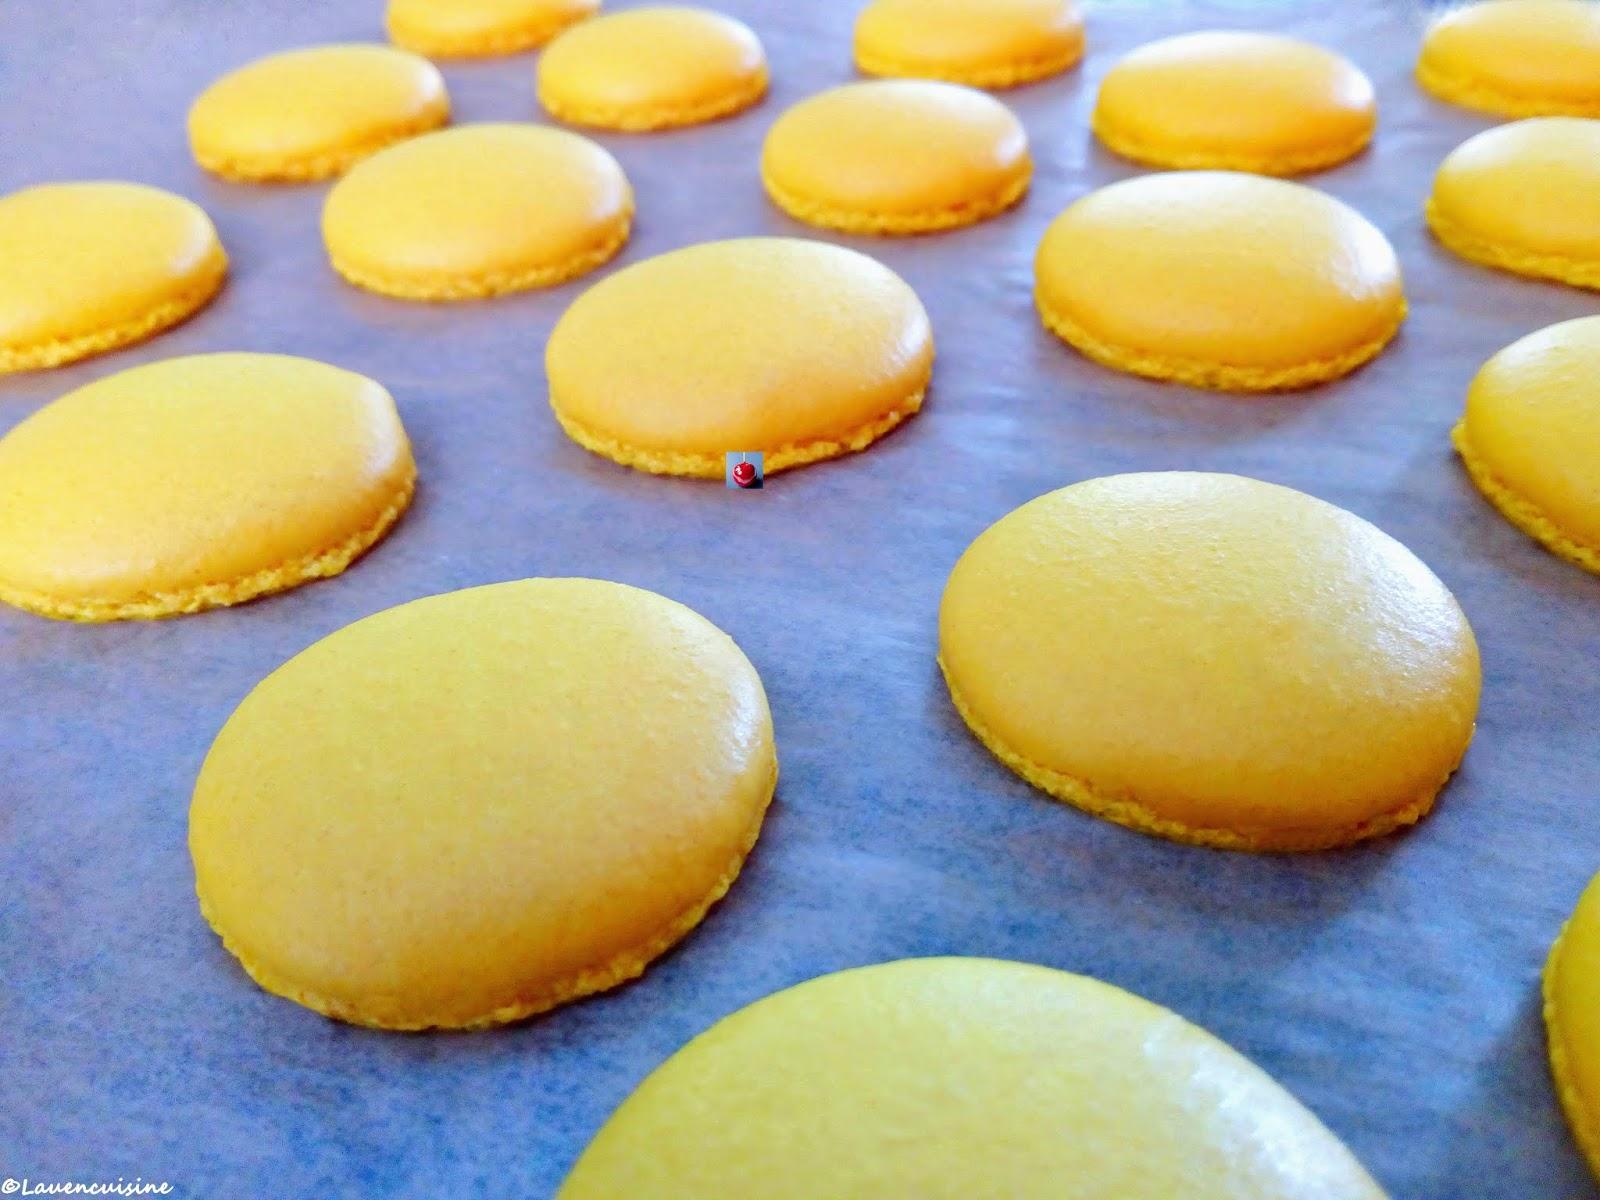 Comment réussir ses macarons facilement ? Lau en cuisine